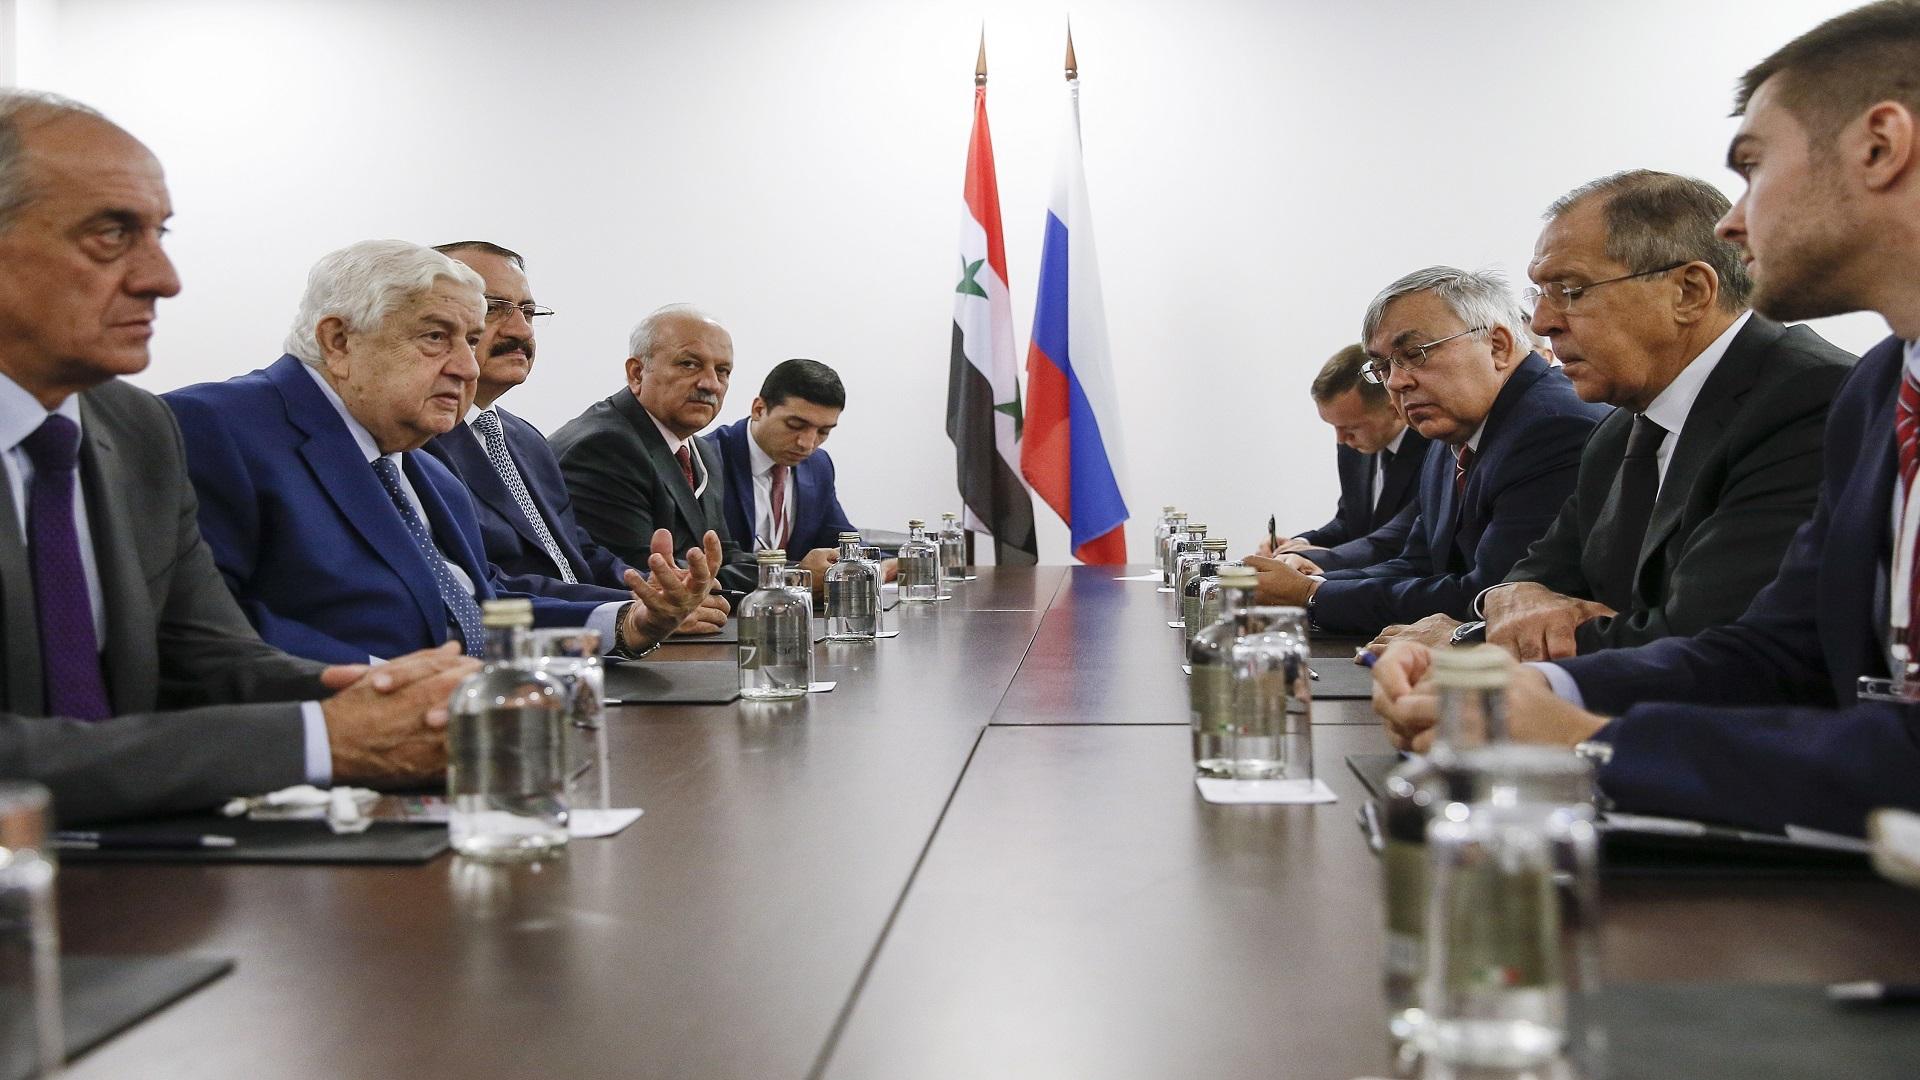 مؤتمر سوتشي هل يمهد لإنهاء حكم الأسد تكتيكياً ؟